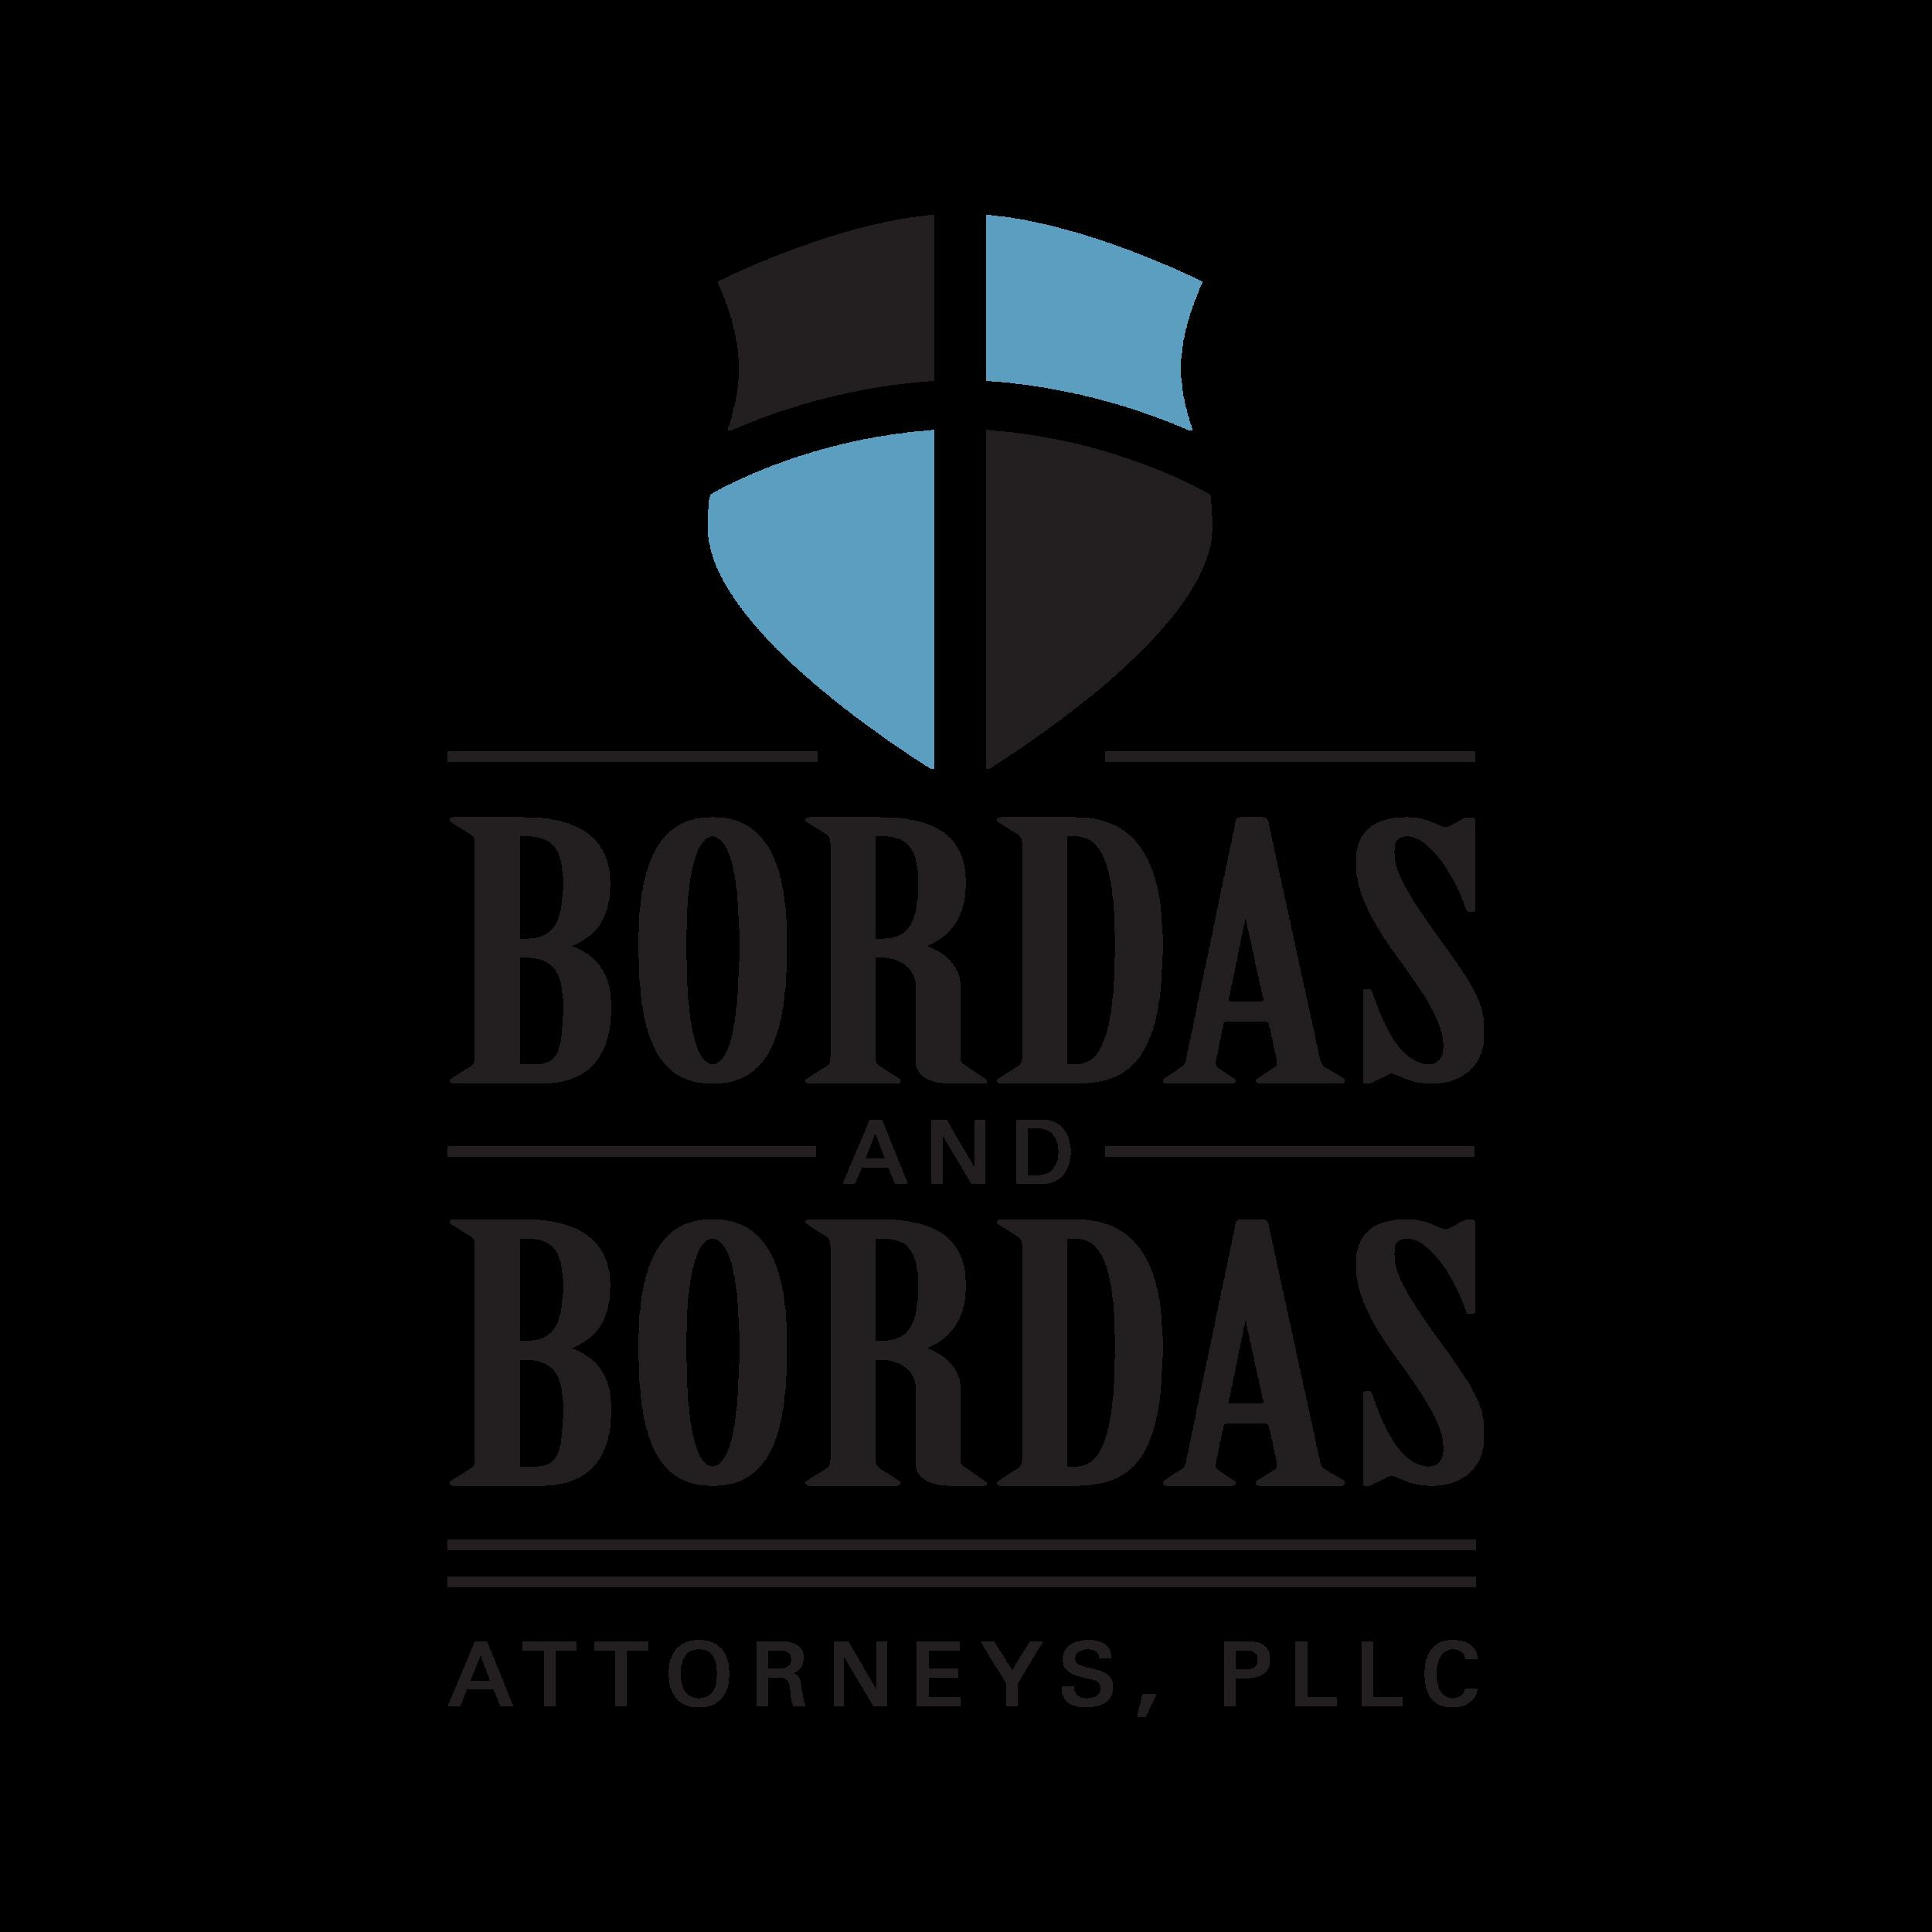 Bordas_Logo_Transparent_RGB.png